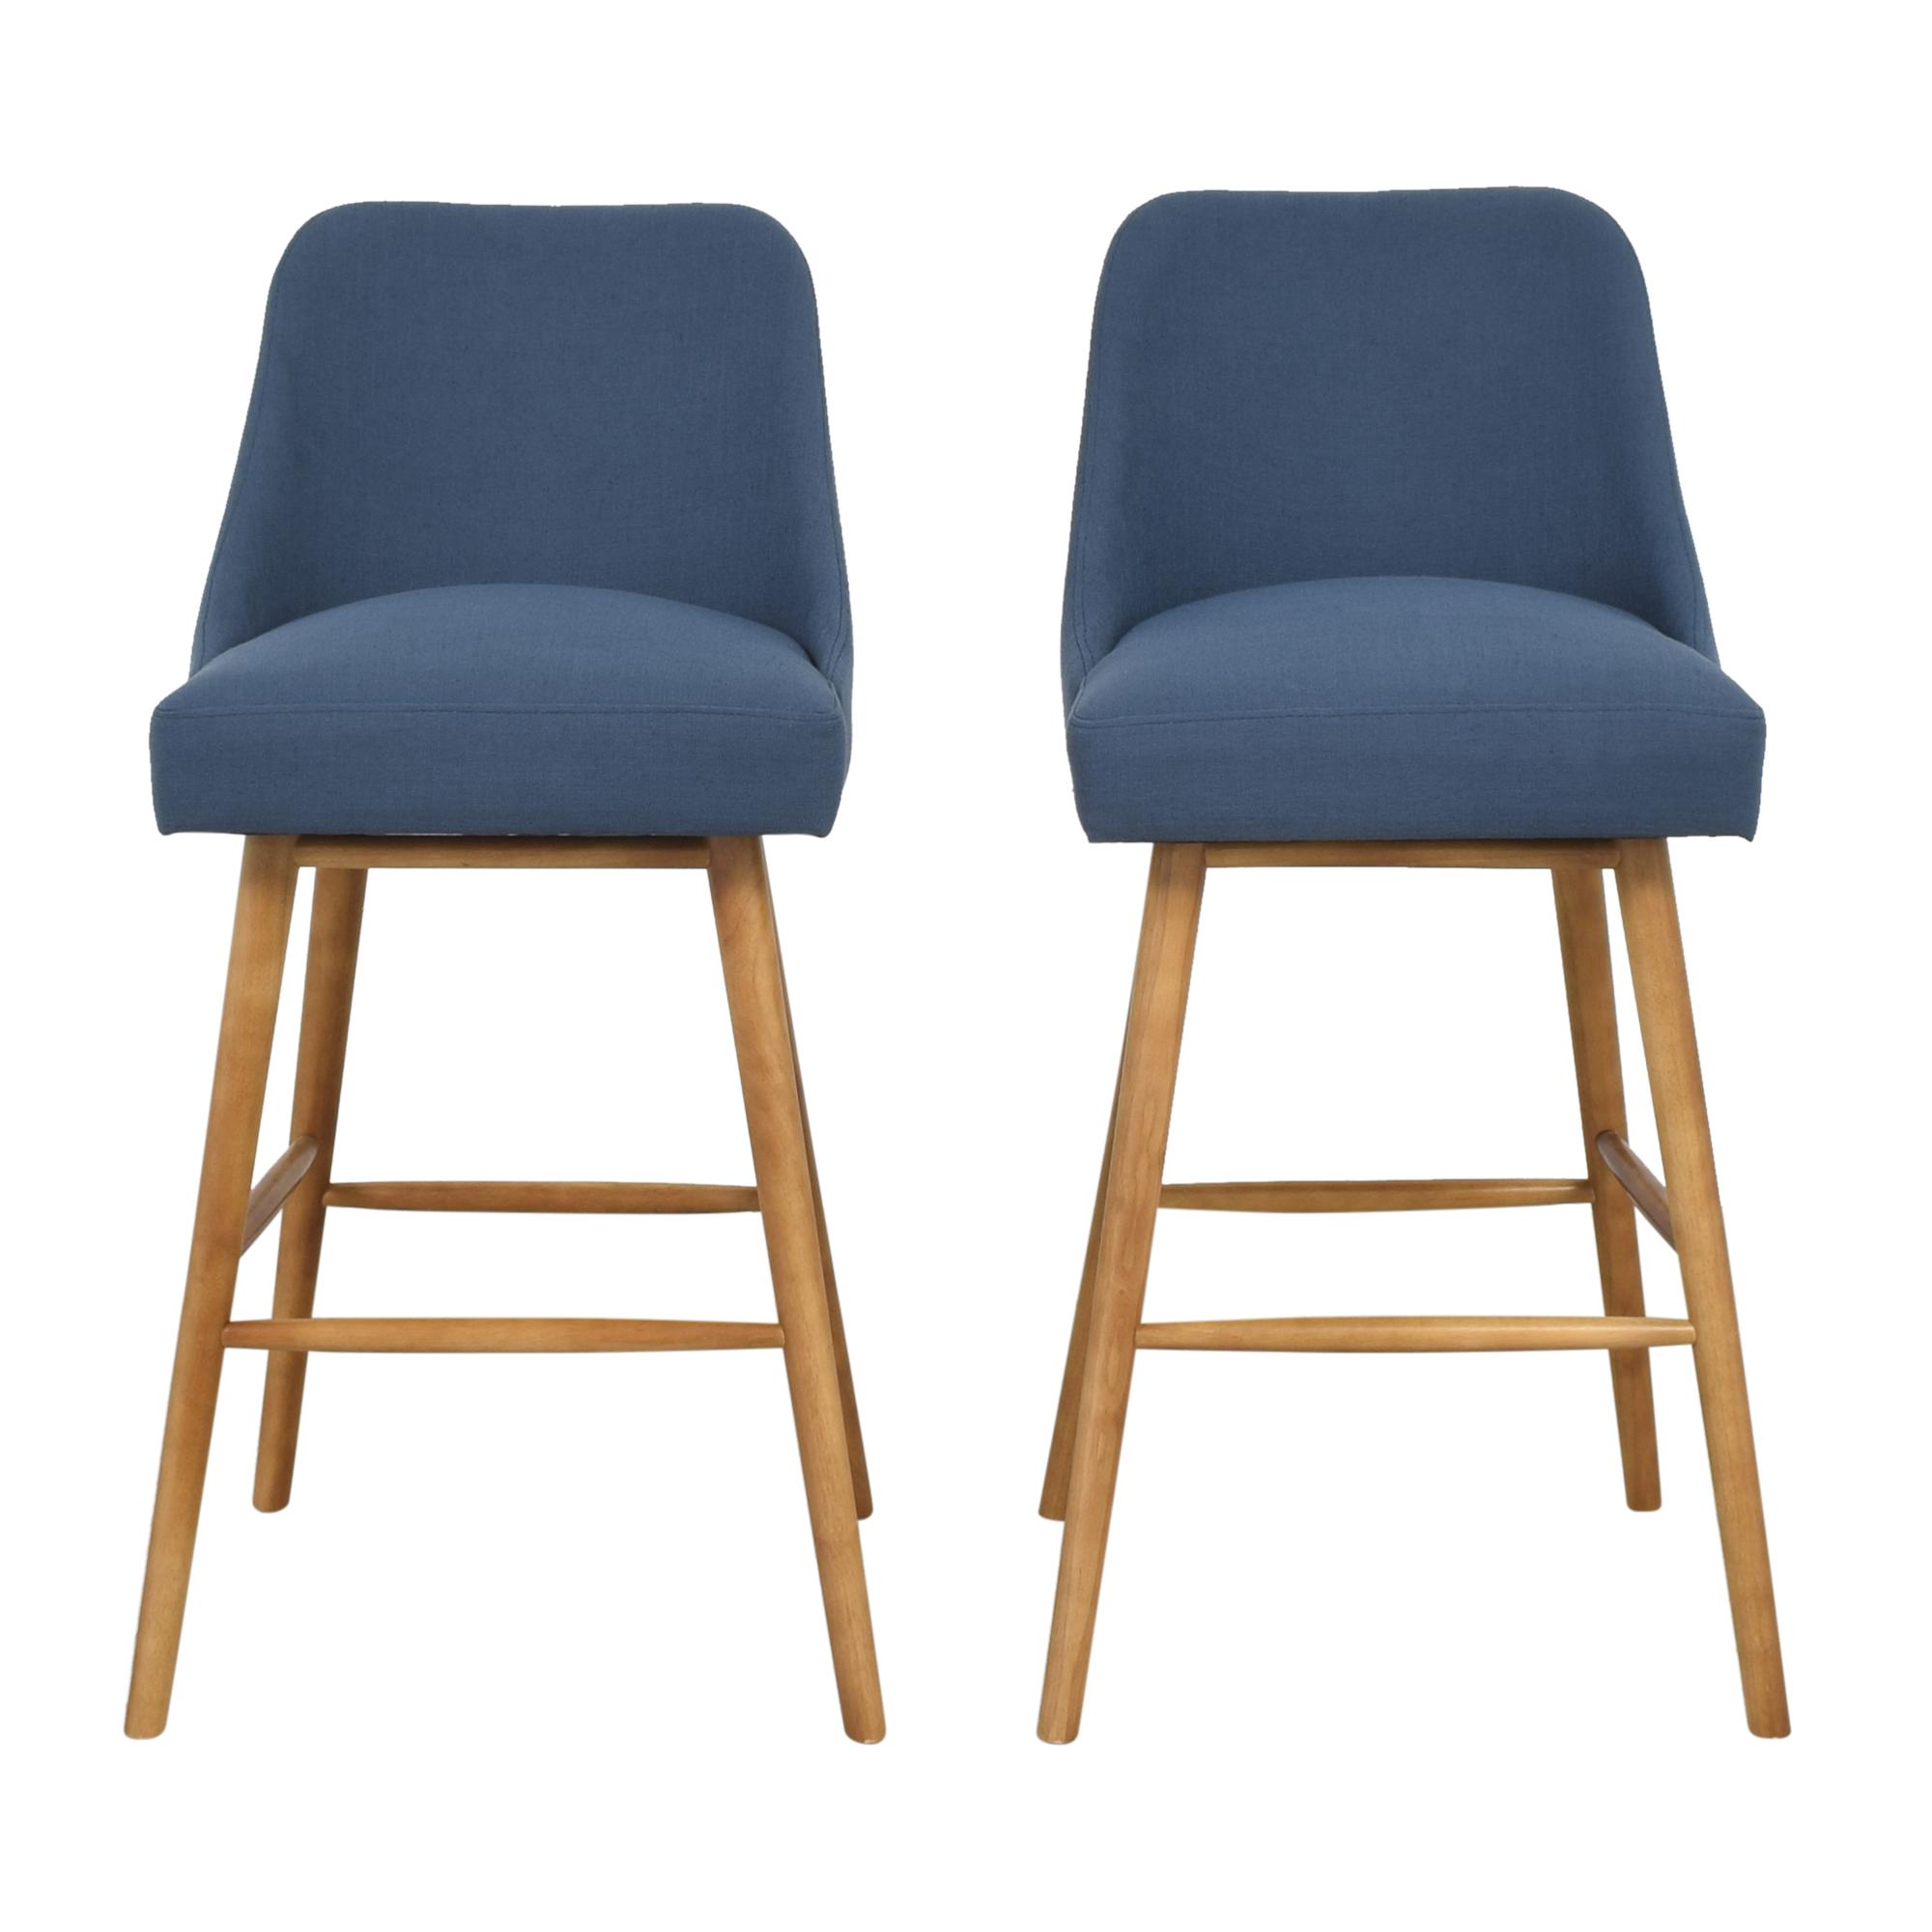 Target Geller Modern Bar Stools / Chairs